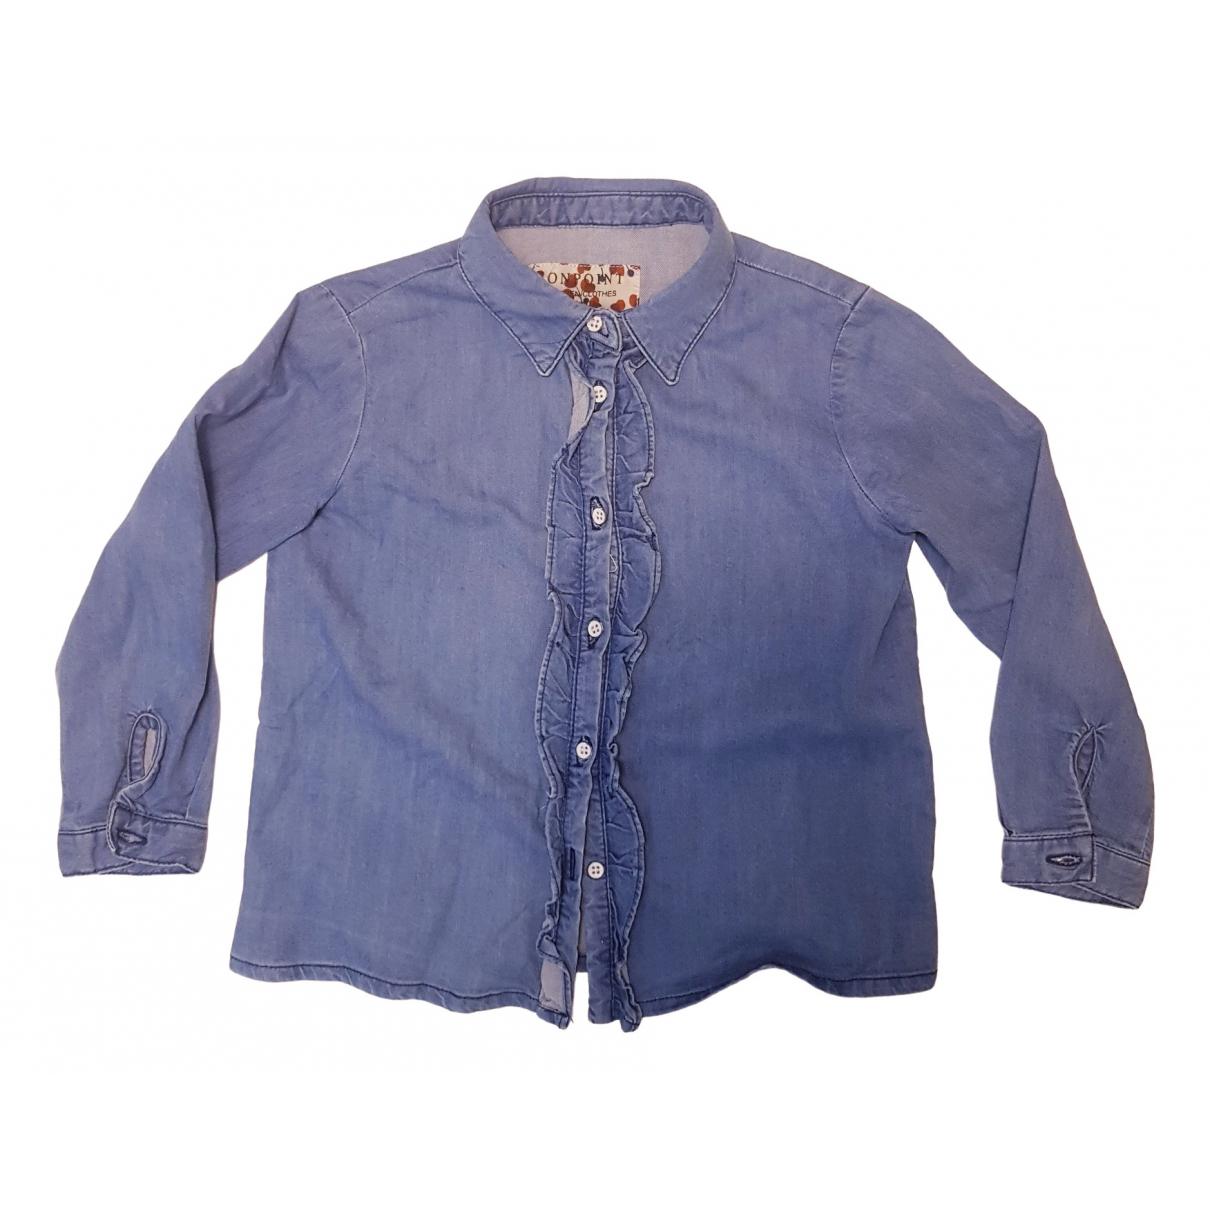 Bonpoint - Top   pour enfant en denim - bleu